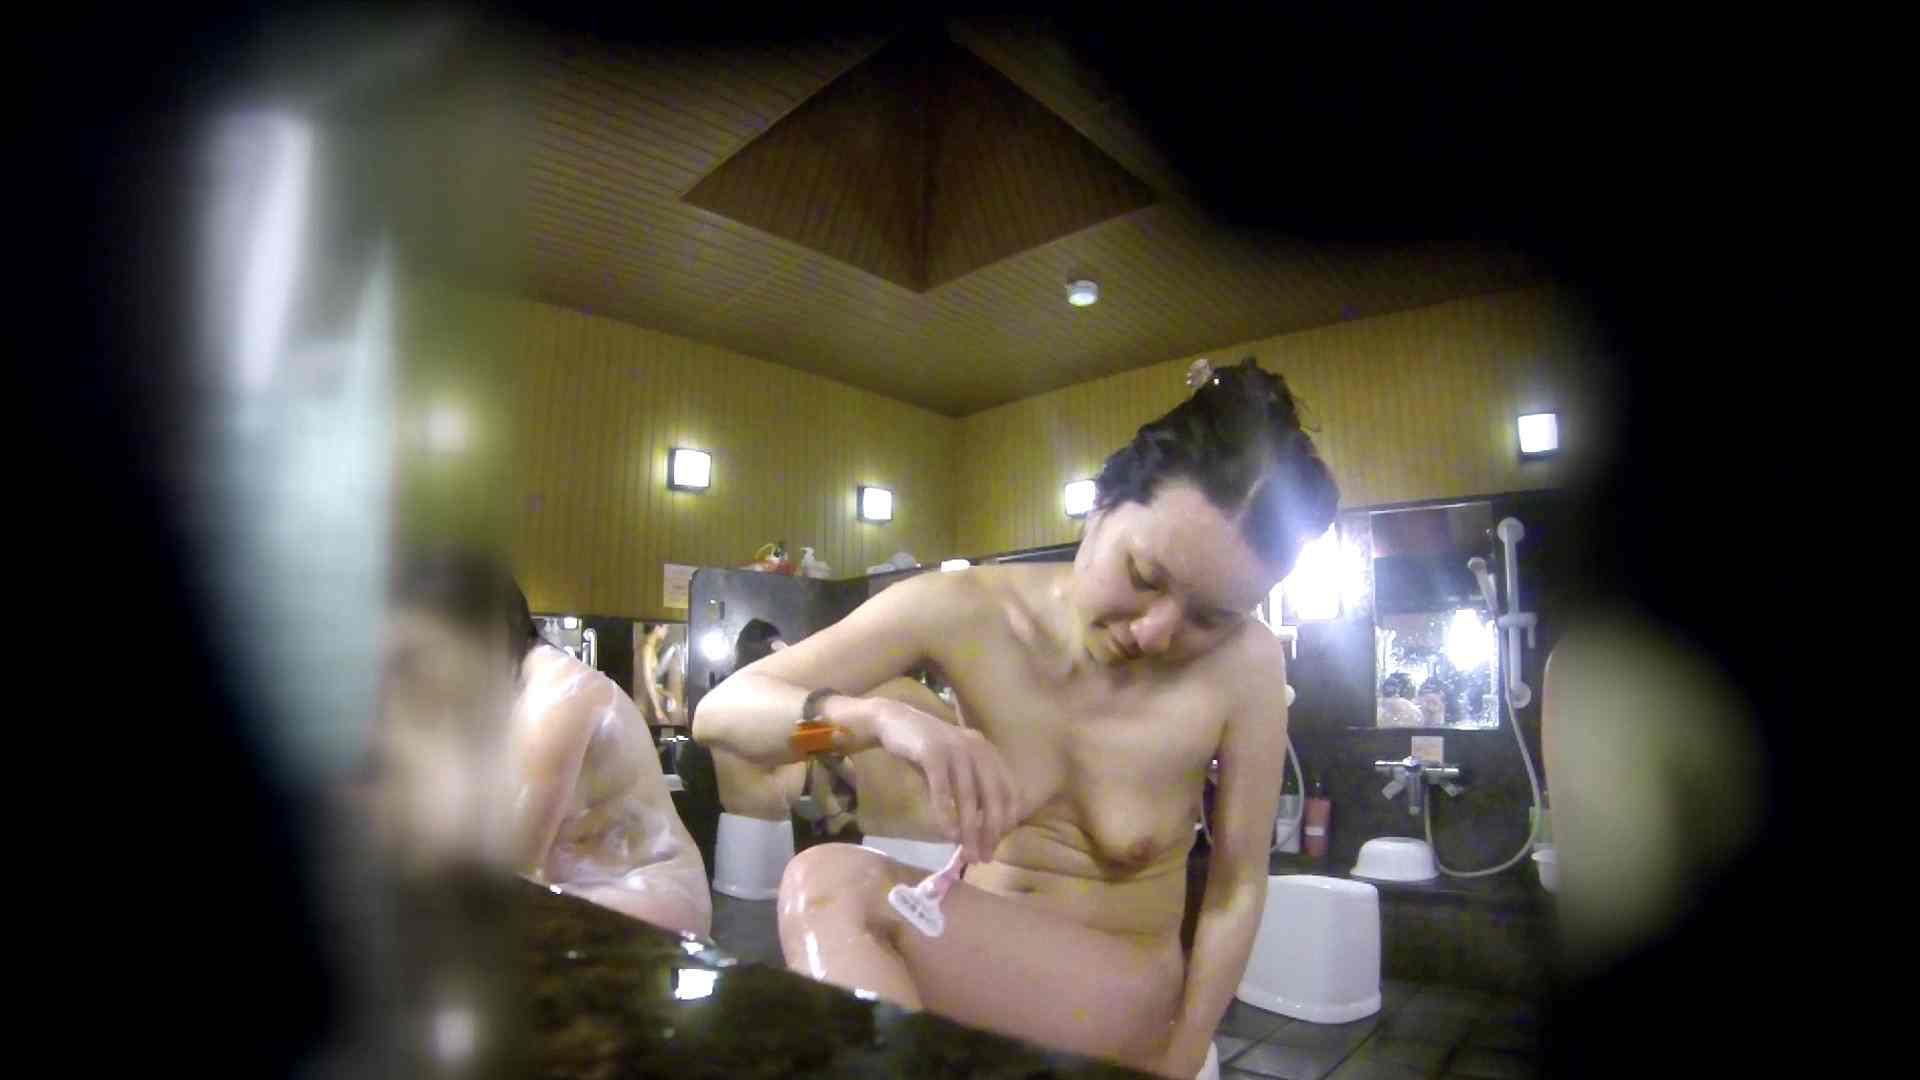 洗い場!アソコの毛辺の手入れで妄想が膨らみました。 女湯 われめAV動画紹介 55画像 31